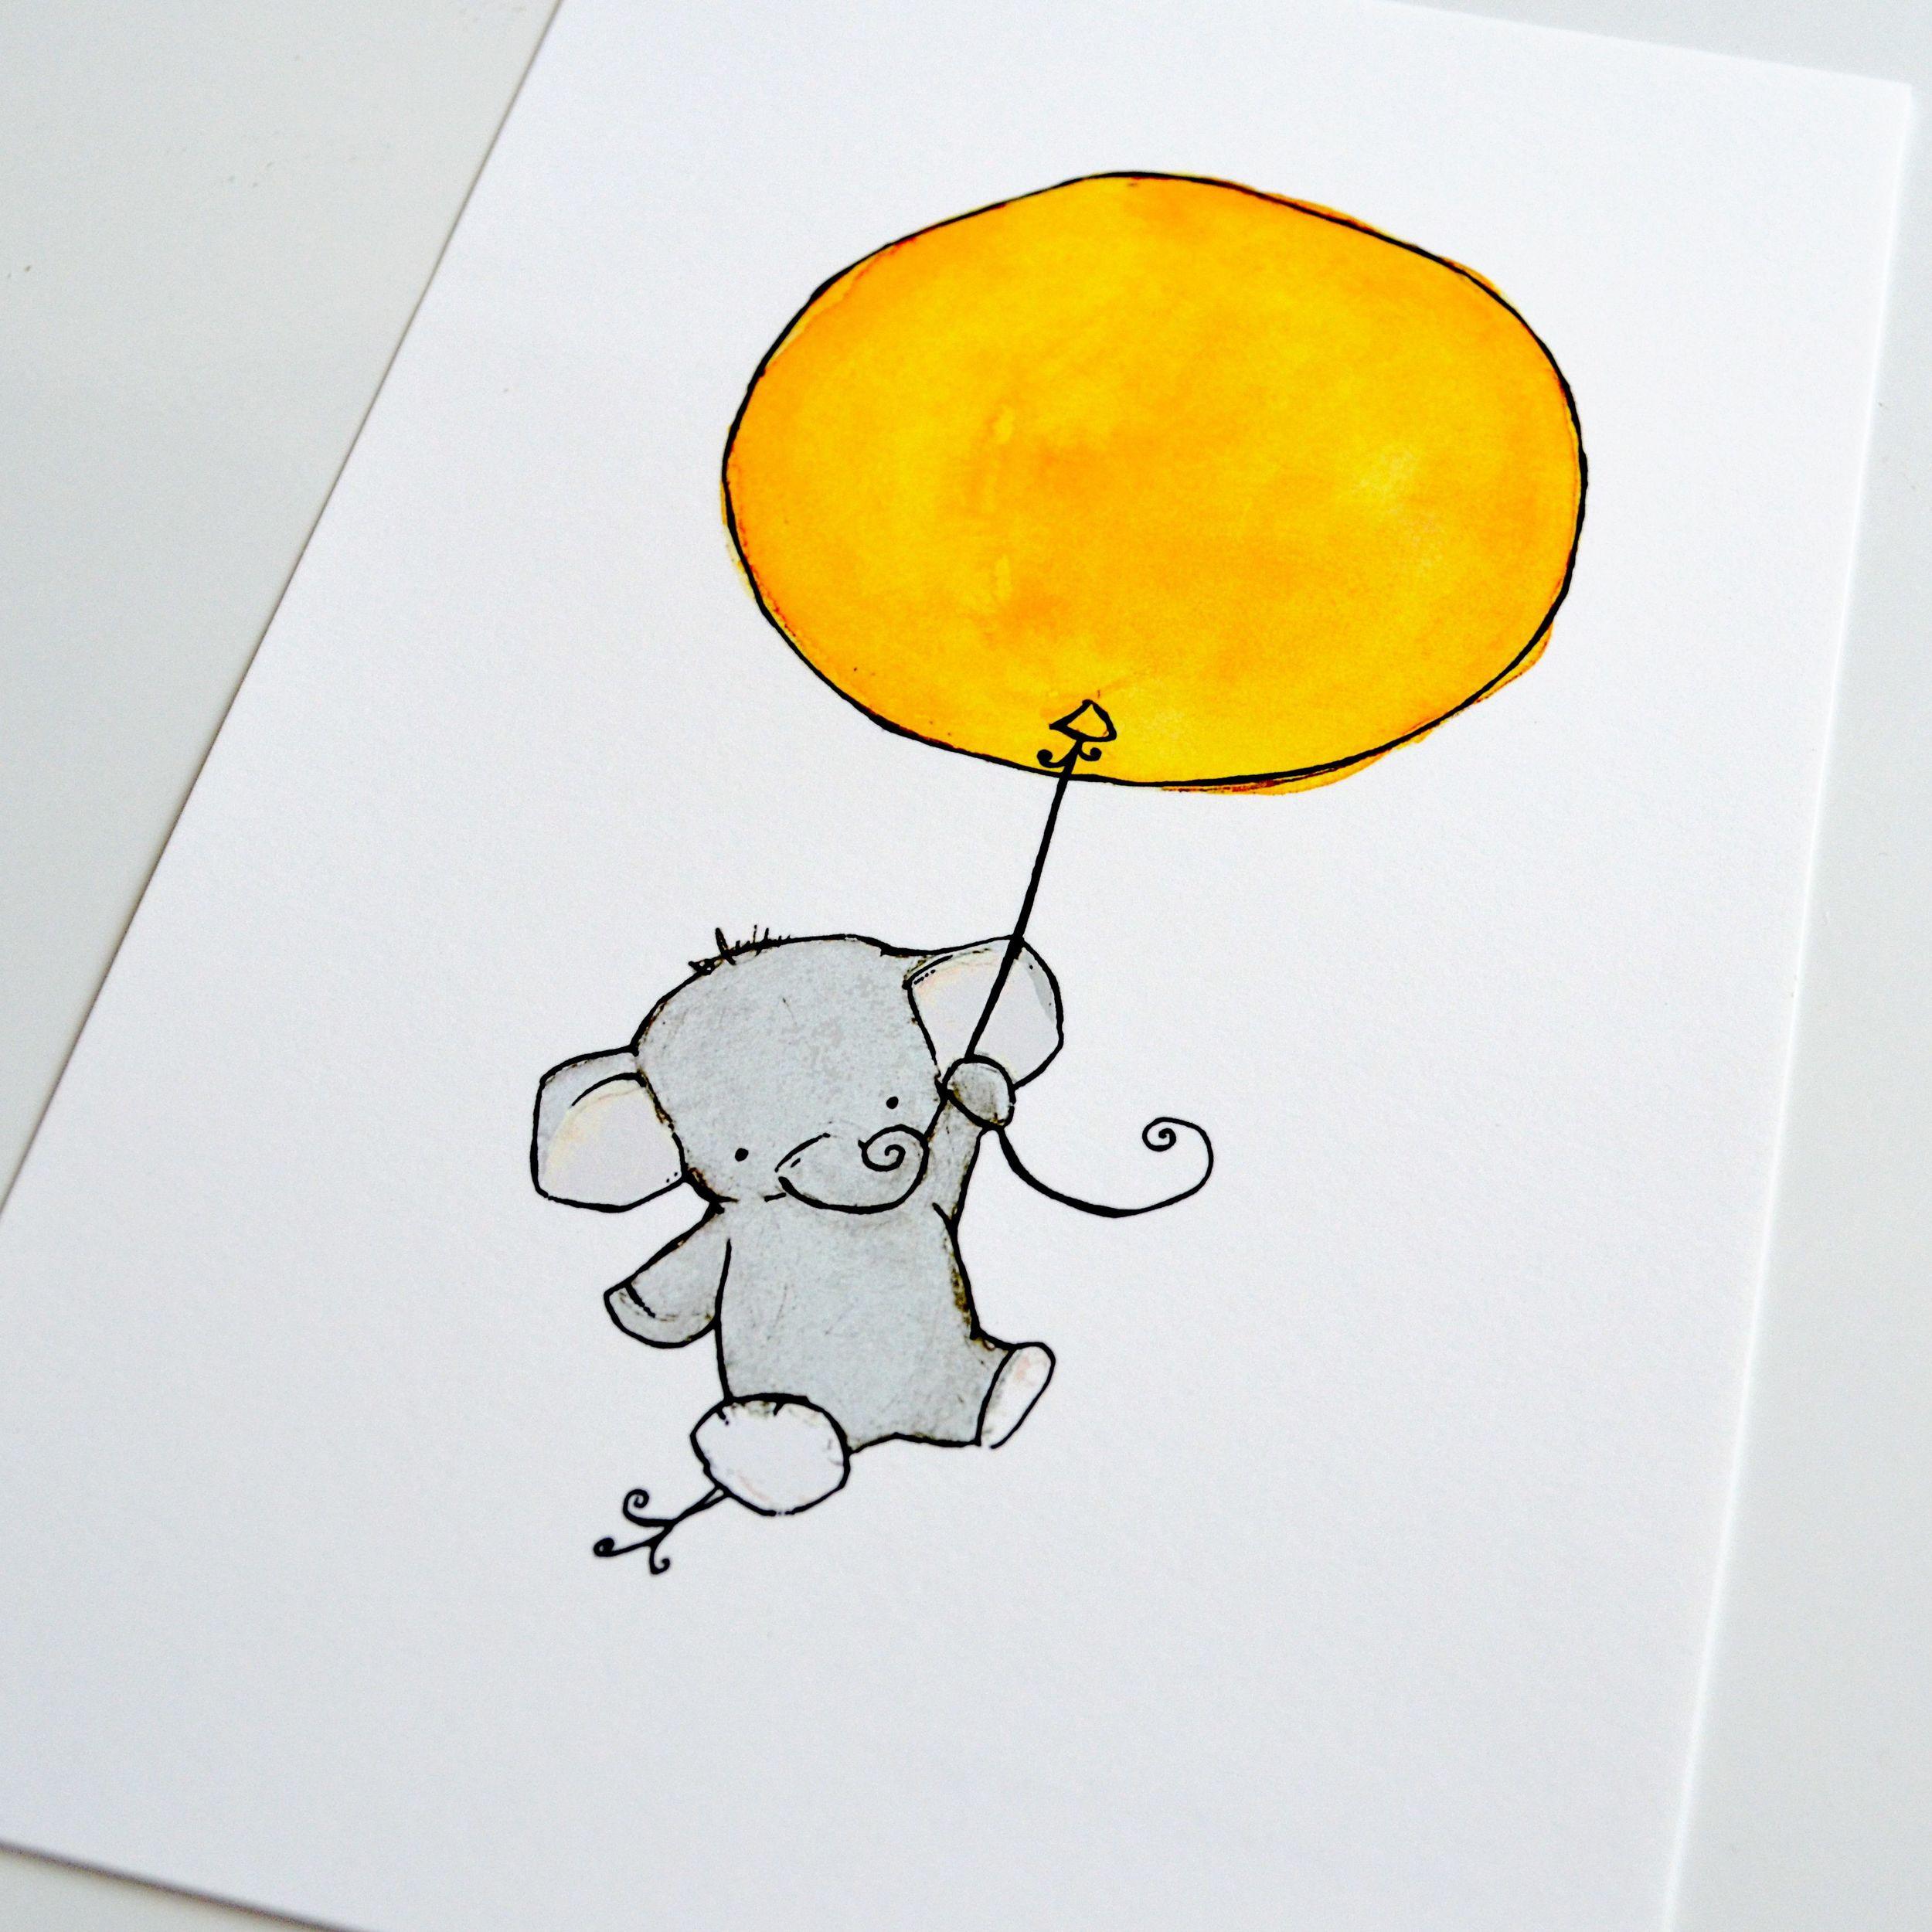 elephant balloon 2